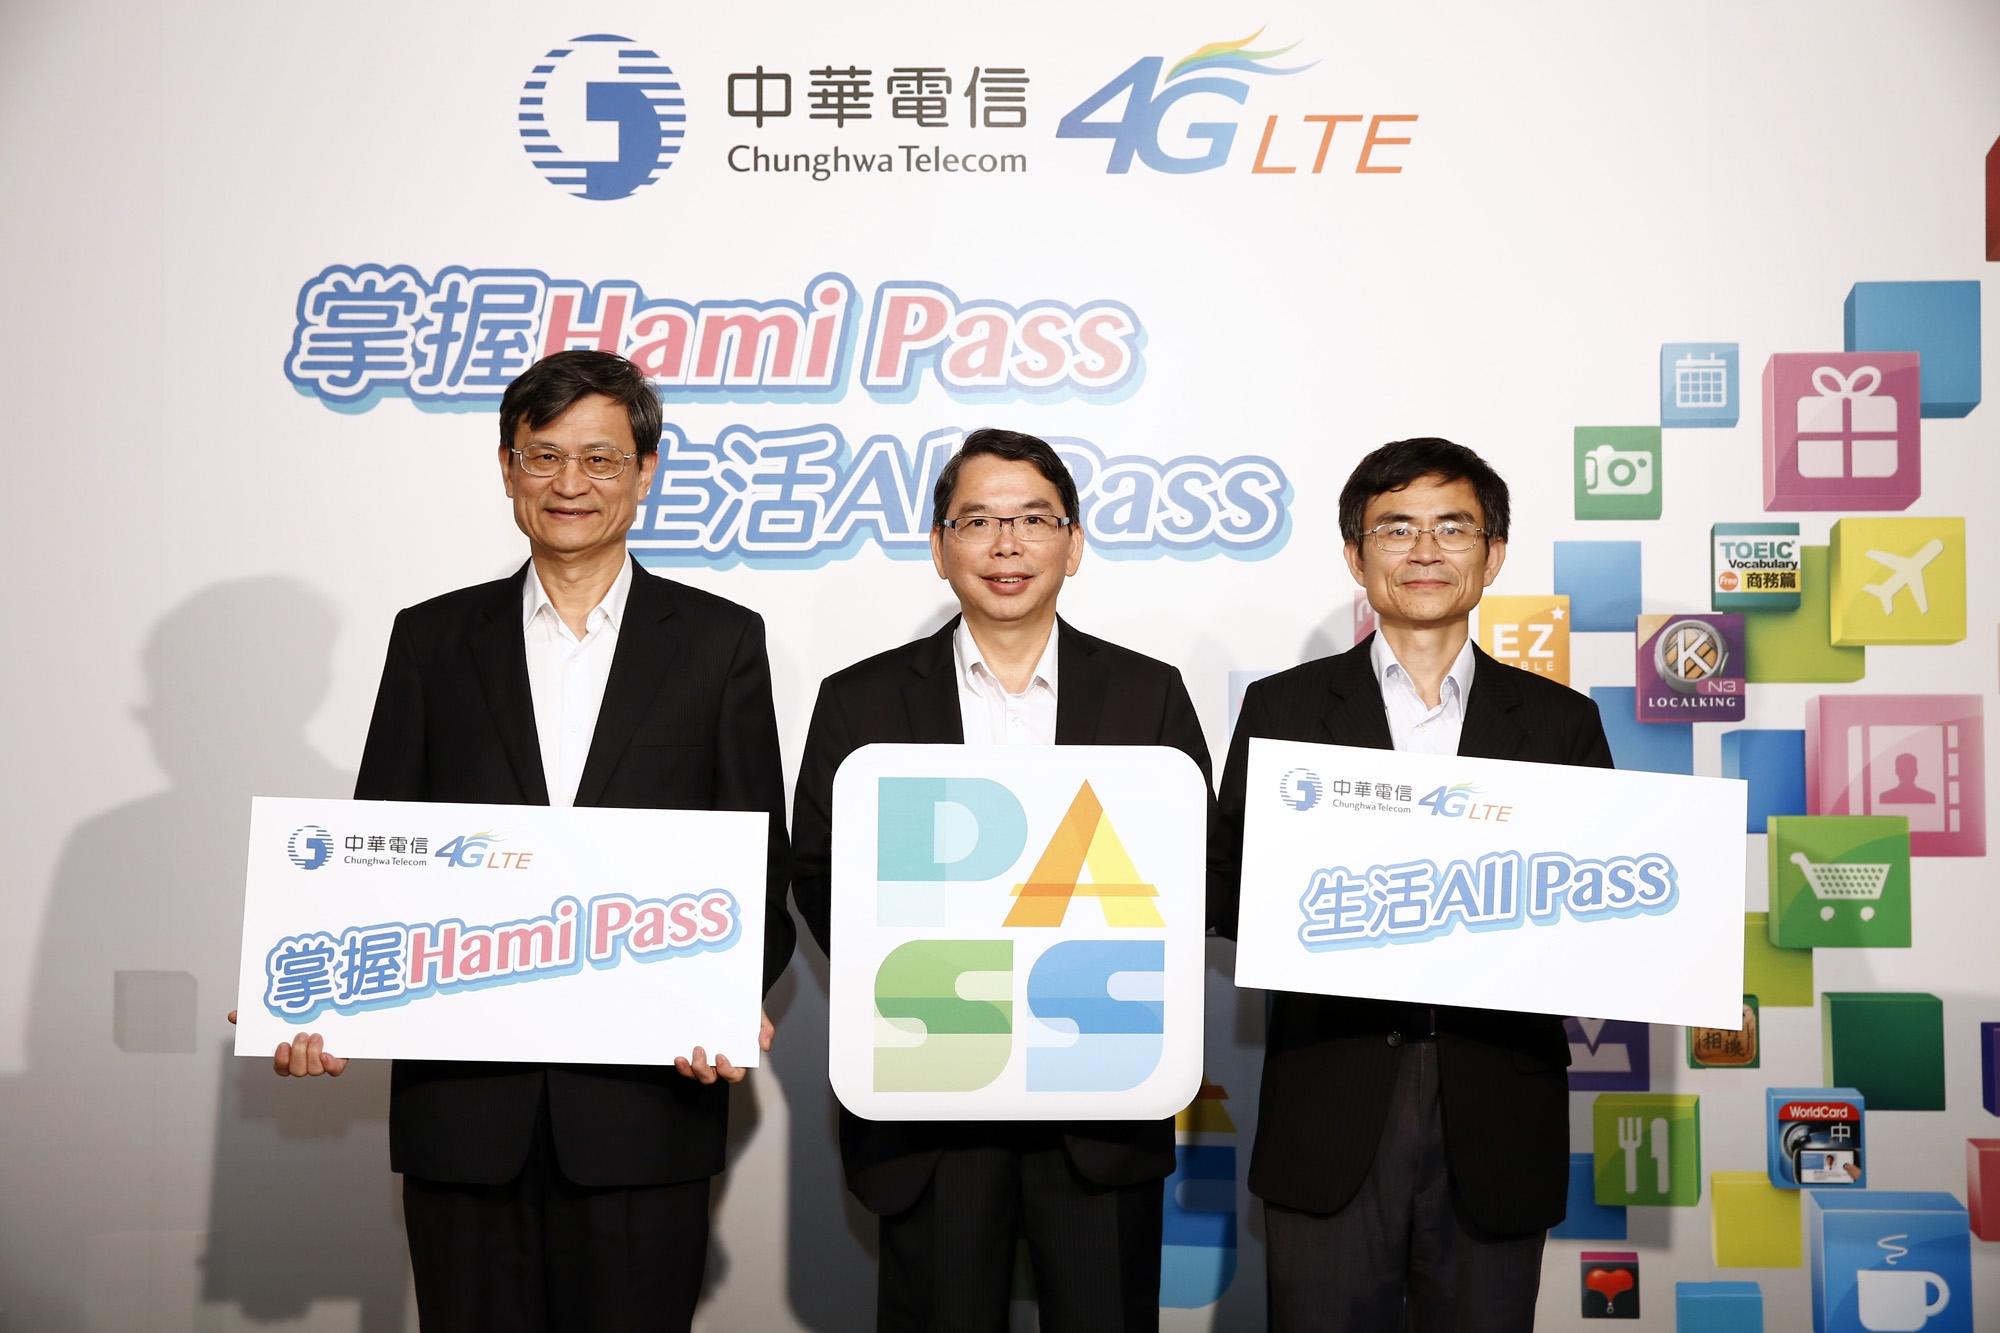 中華電信引領業界推出「Hami Pass」超值創新服務,月租150元即享百款優質APP 加碼再送2GB行動上網量,7/31日應用展申辦4G...